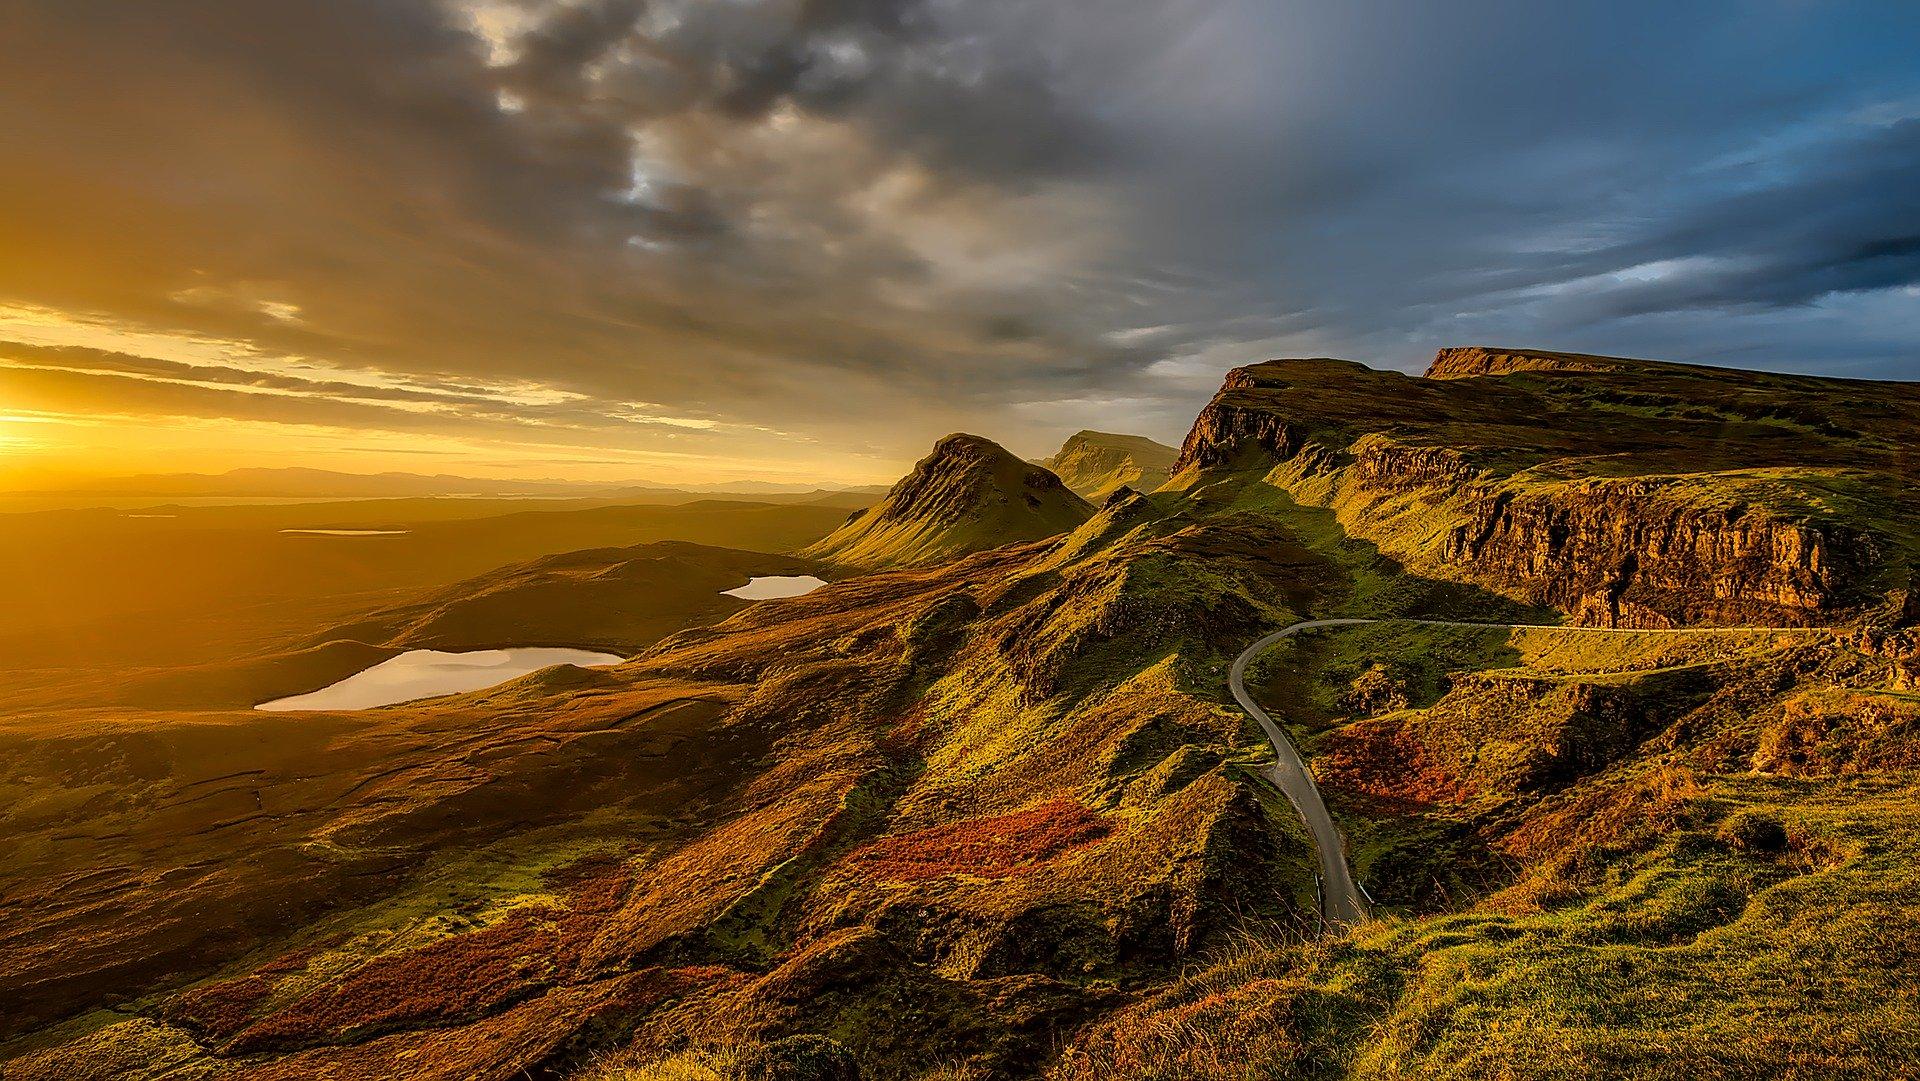 Main image of article: L'Écosse des mystères et des légendes.